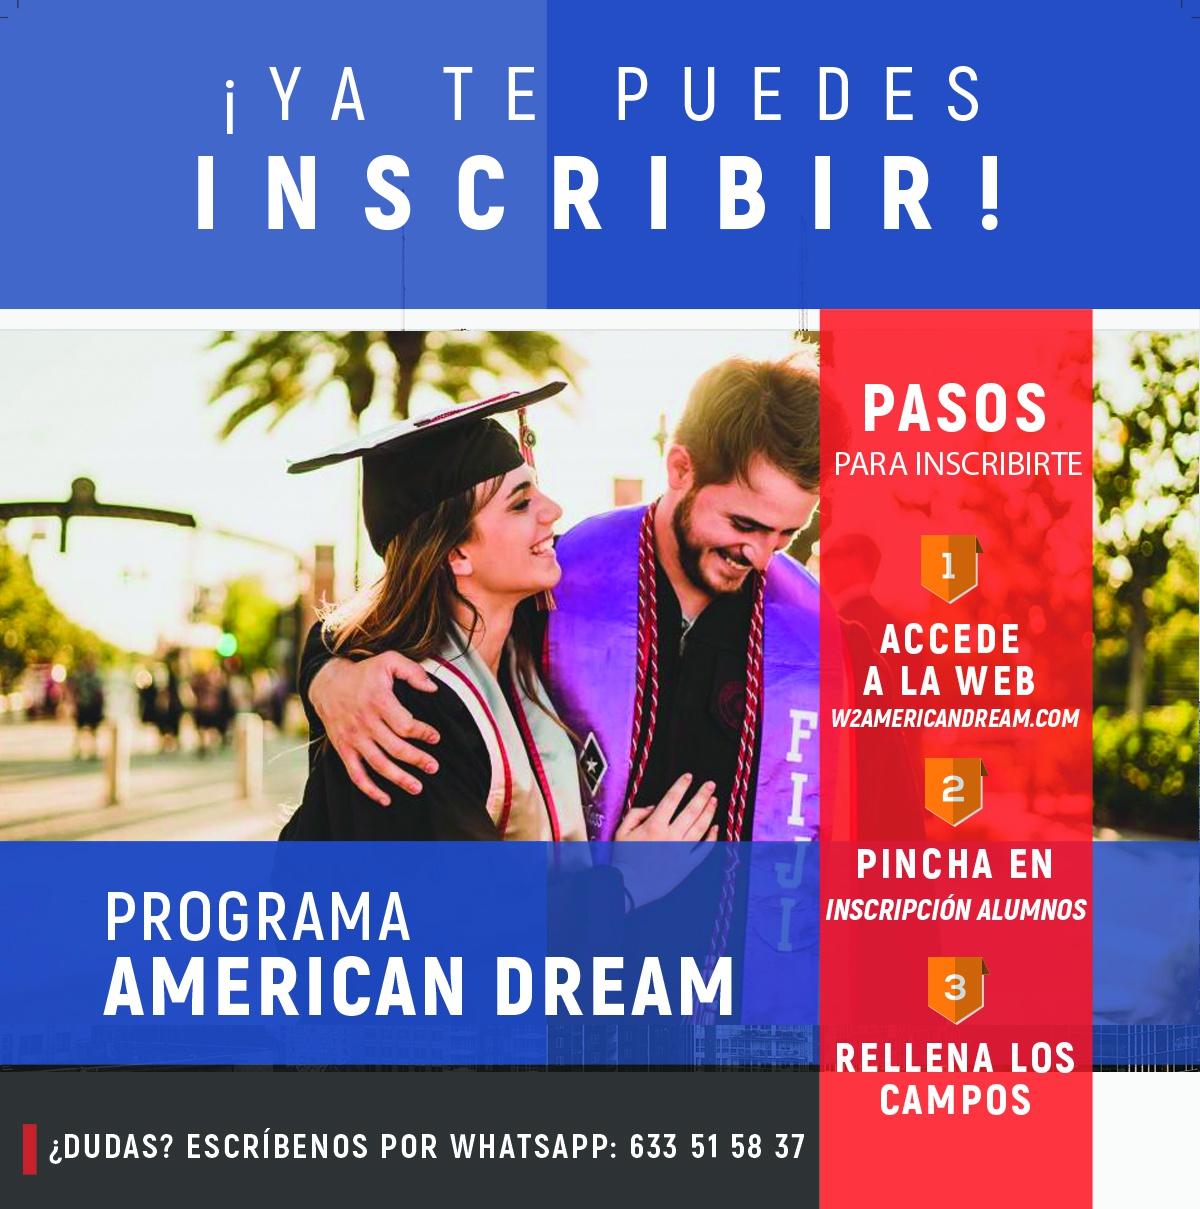 ABIERTAS LAS INSCRIPCIONES DEL PROGRAMA AMERICAN DREAM